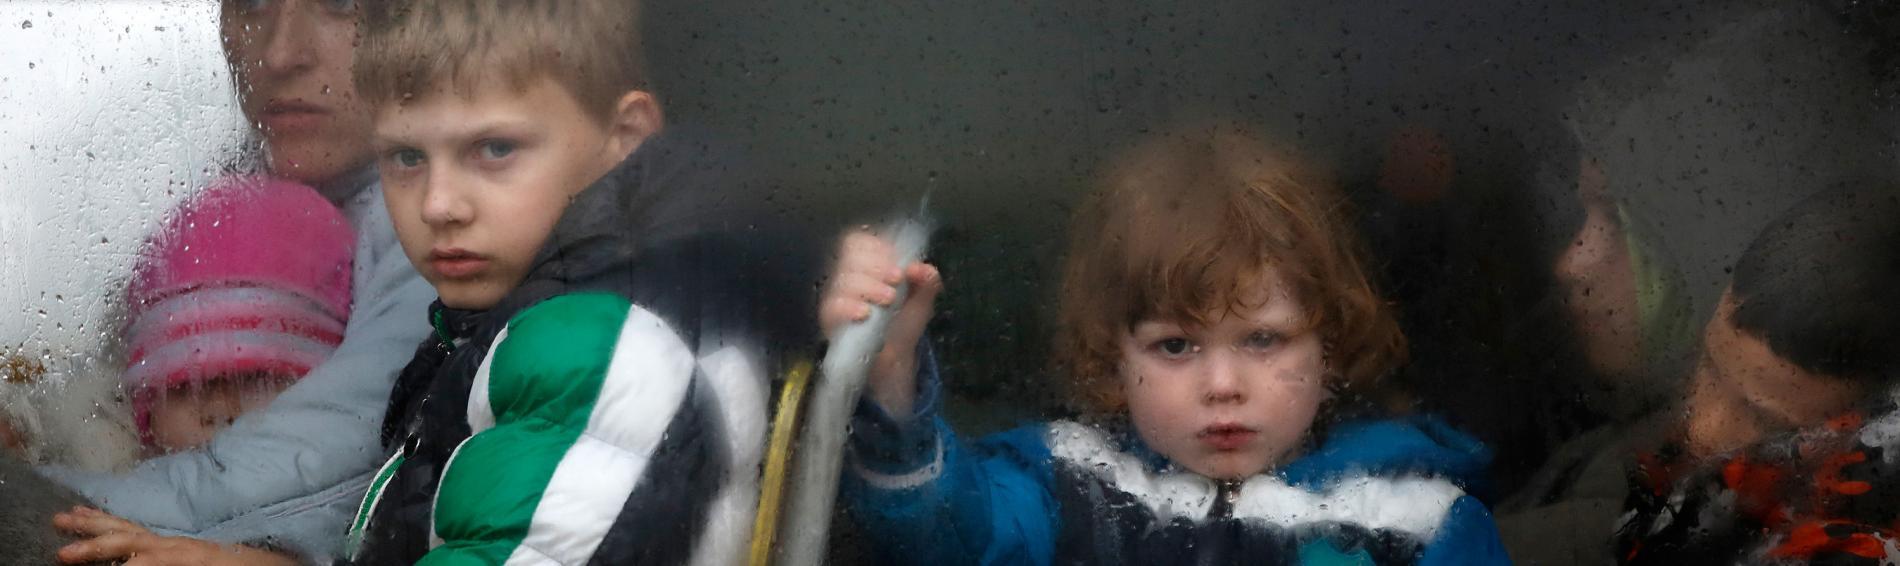 Auch europäische Kinder benötigen Hilfe. Foto: Ärzte der Welt